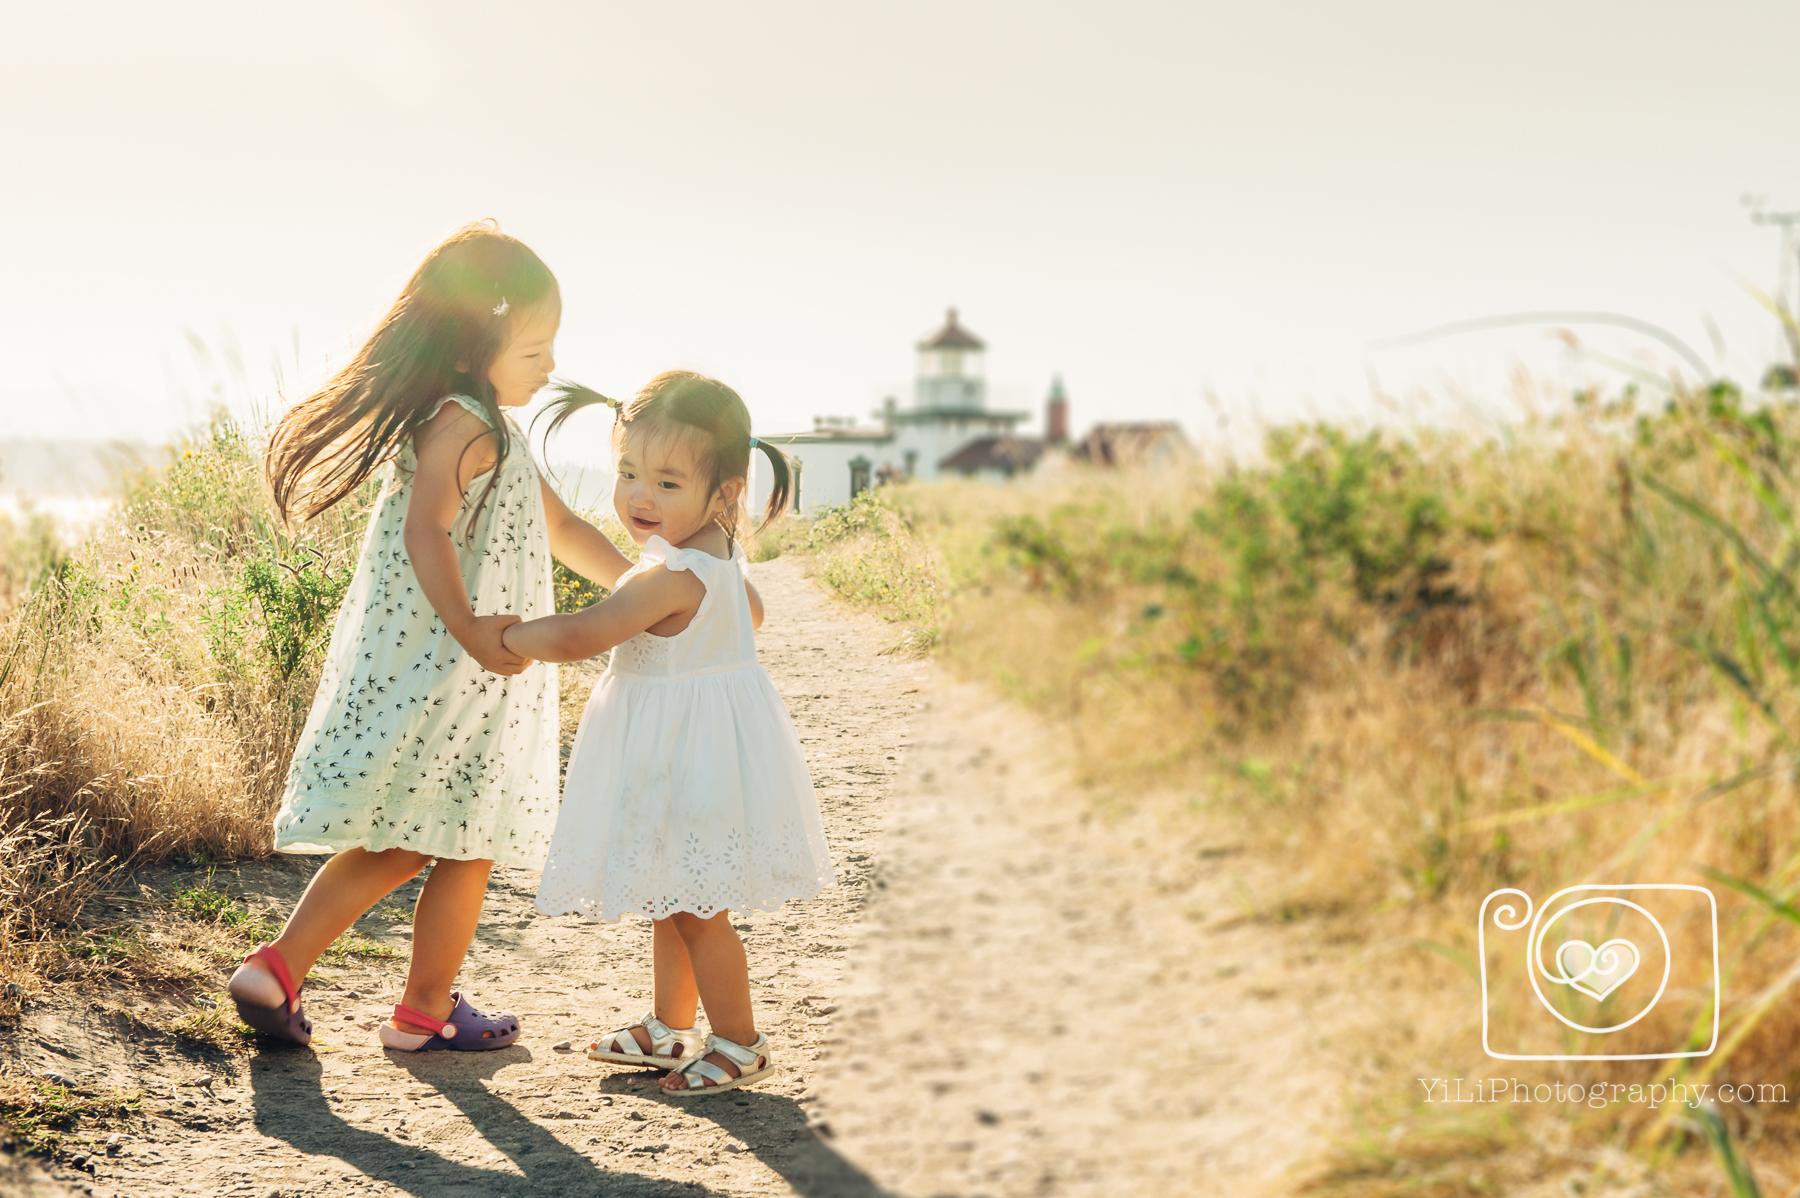 discovery park lighthouse photos